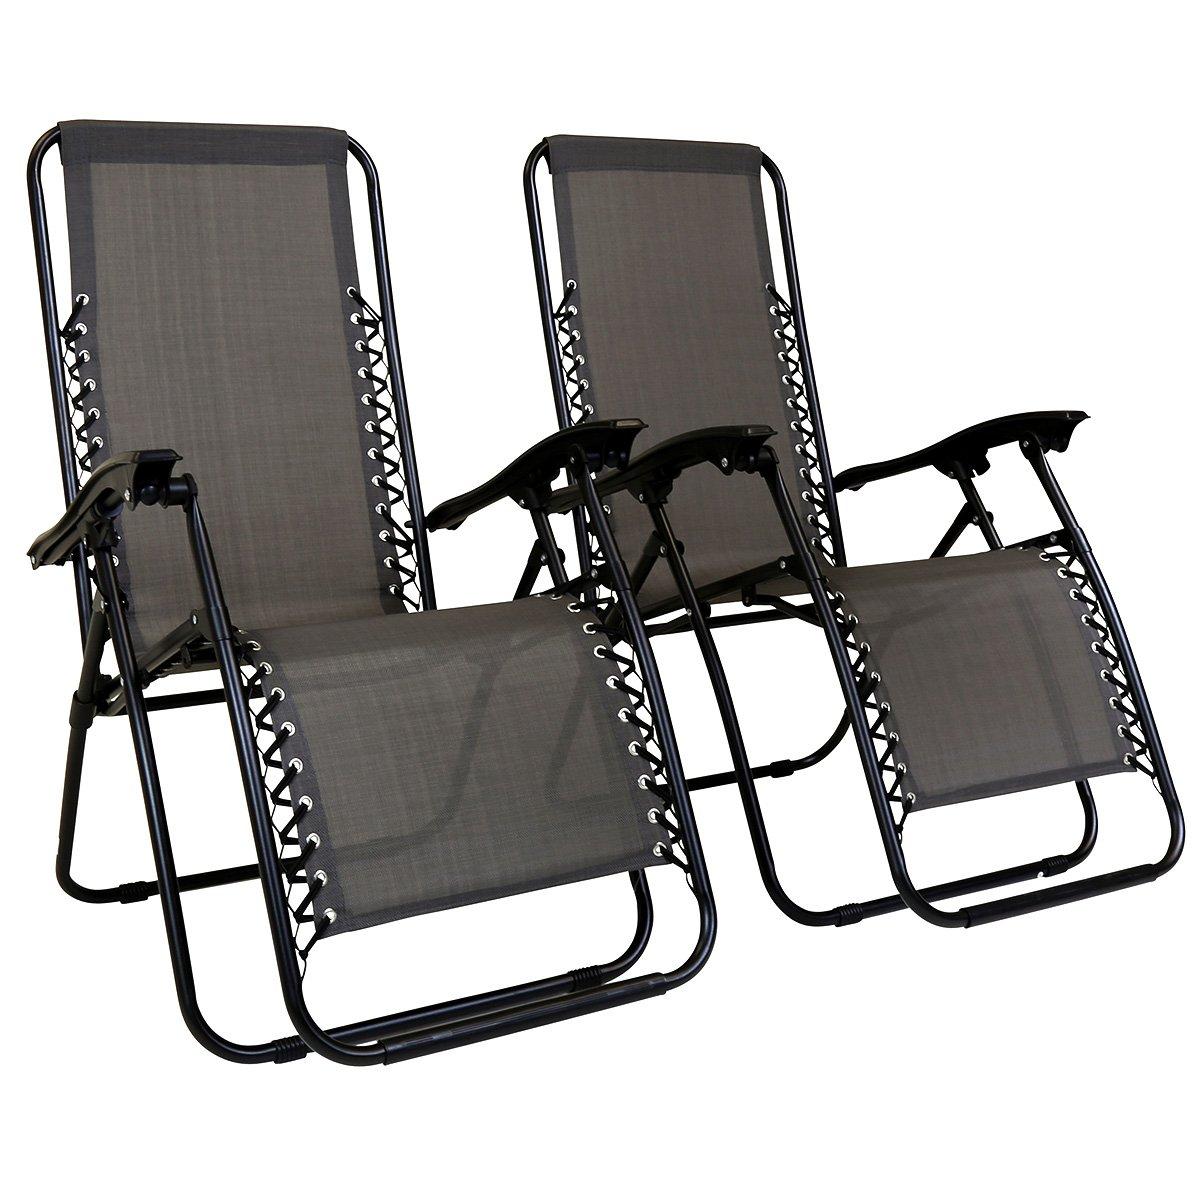 grey garden chairs amazon co uk